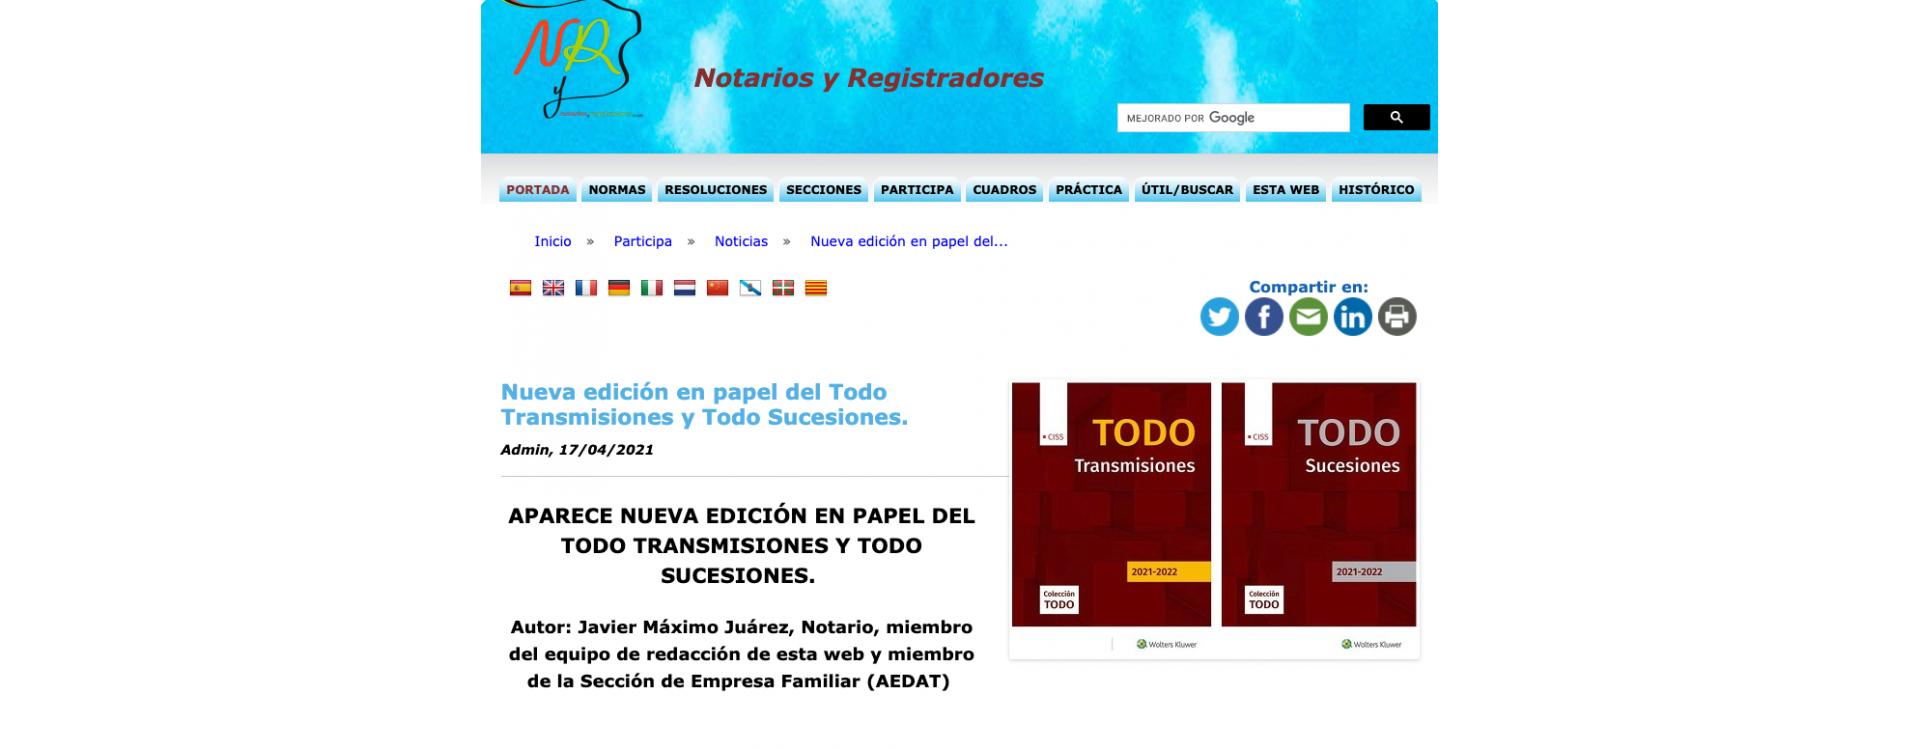 [PRENSA] NOTARIOS Y REGISTRADORES: Nueva edición en papel del Todo Transmisiones y Todo Sucesiones